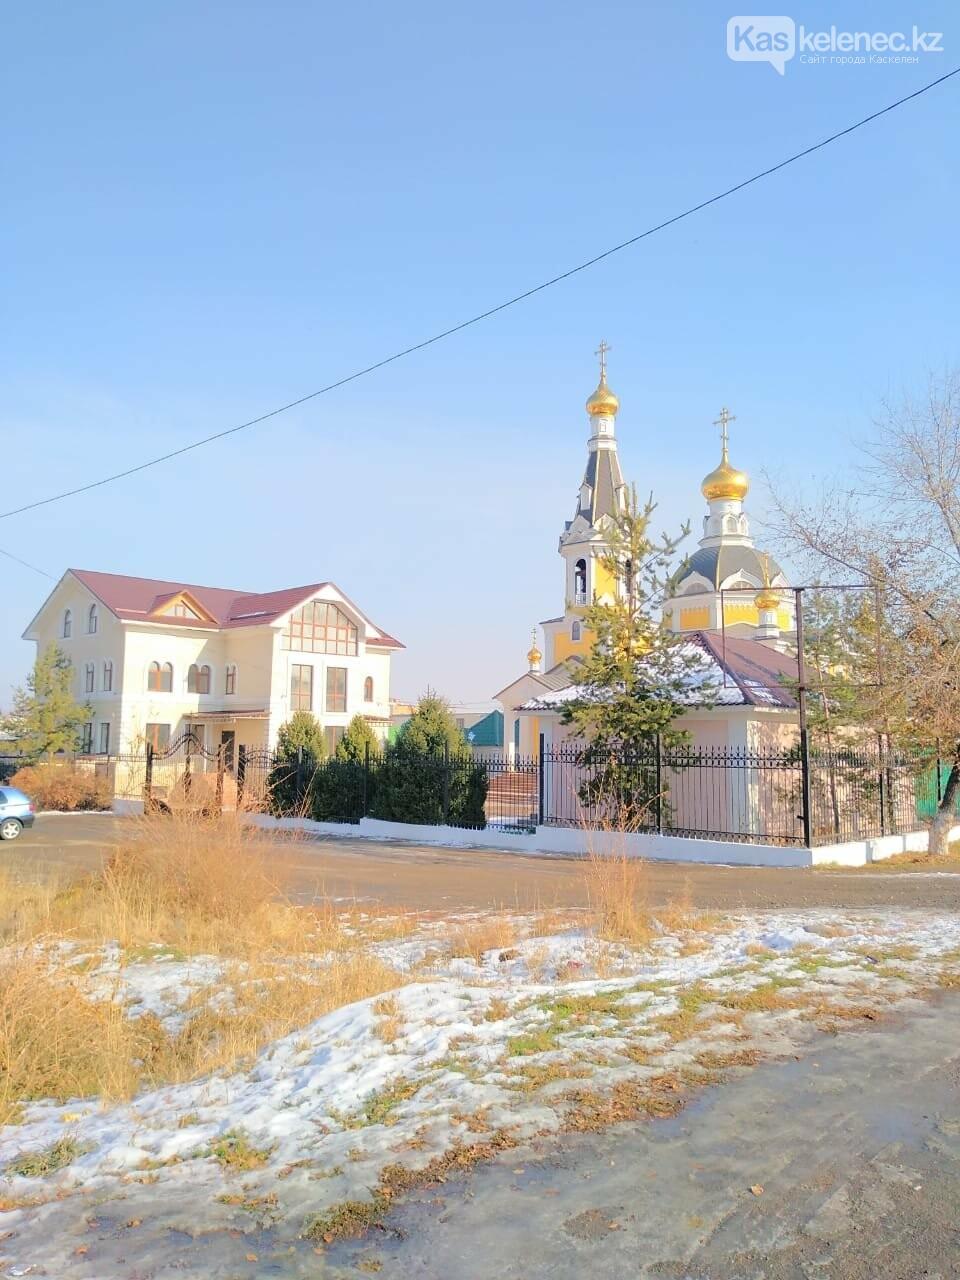 Крещение-2019: где окунуться в прорубь в Каскелене и окрестностях, фото-1